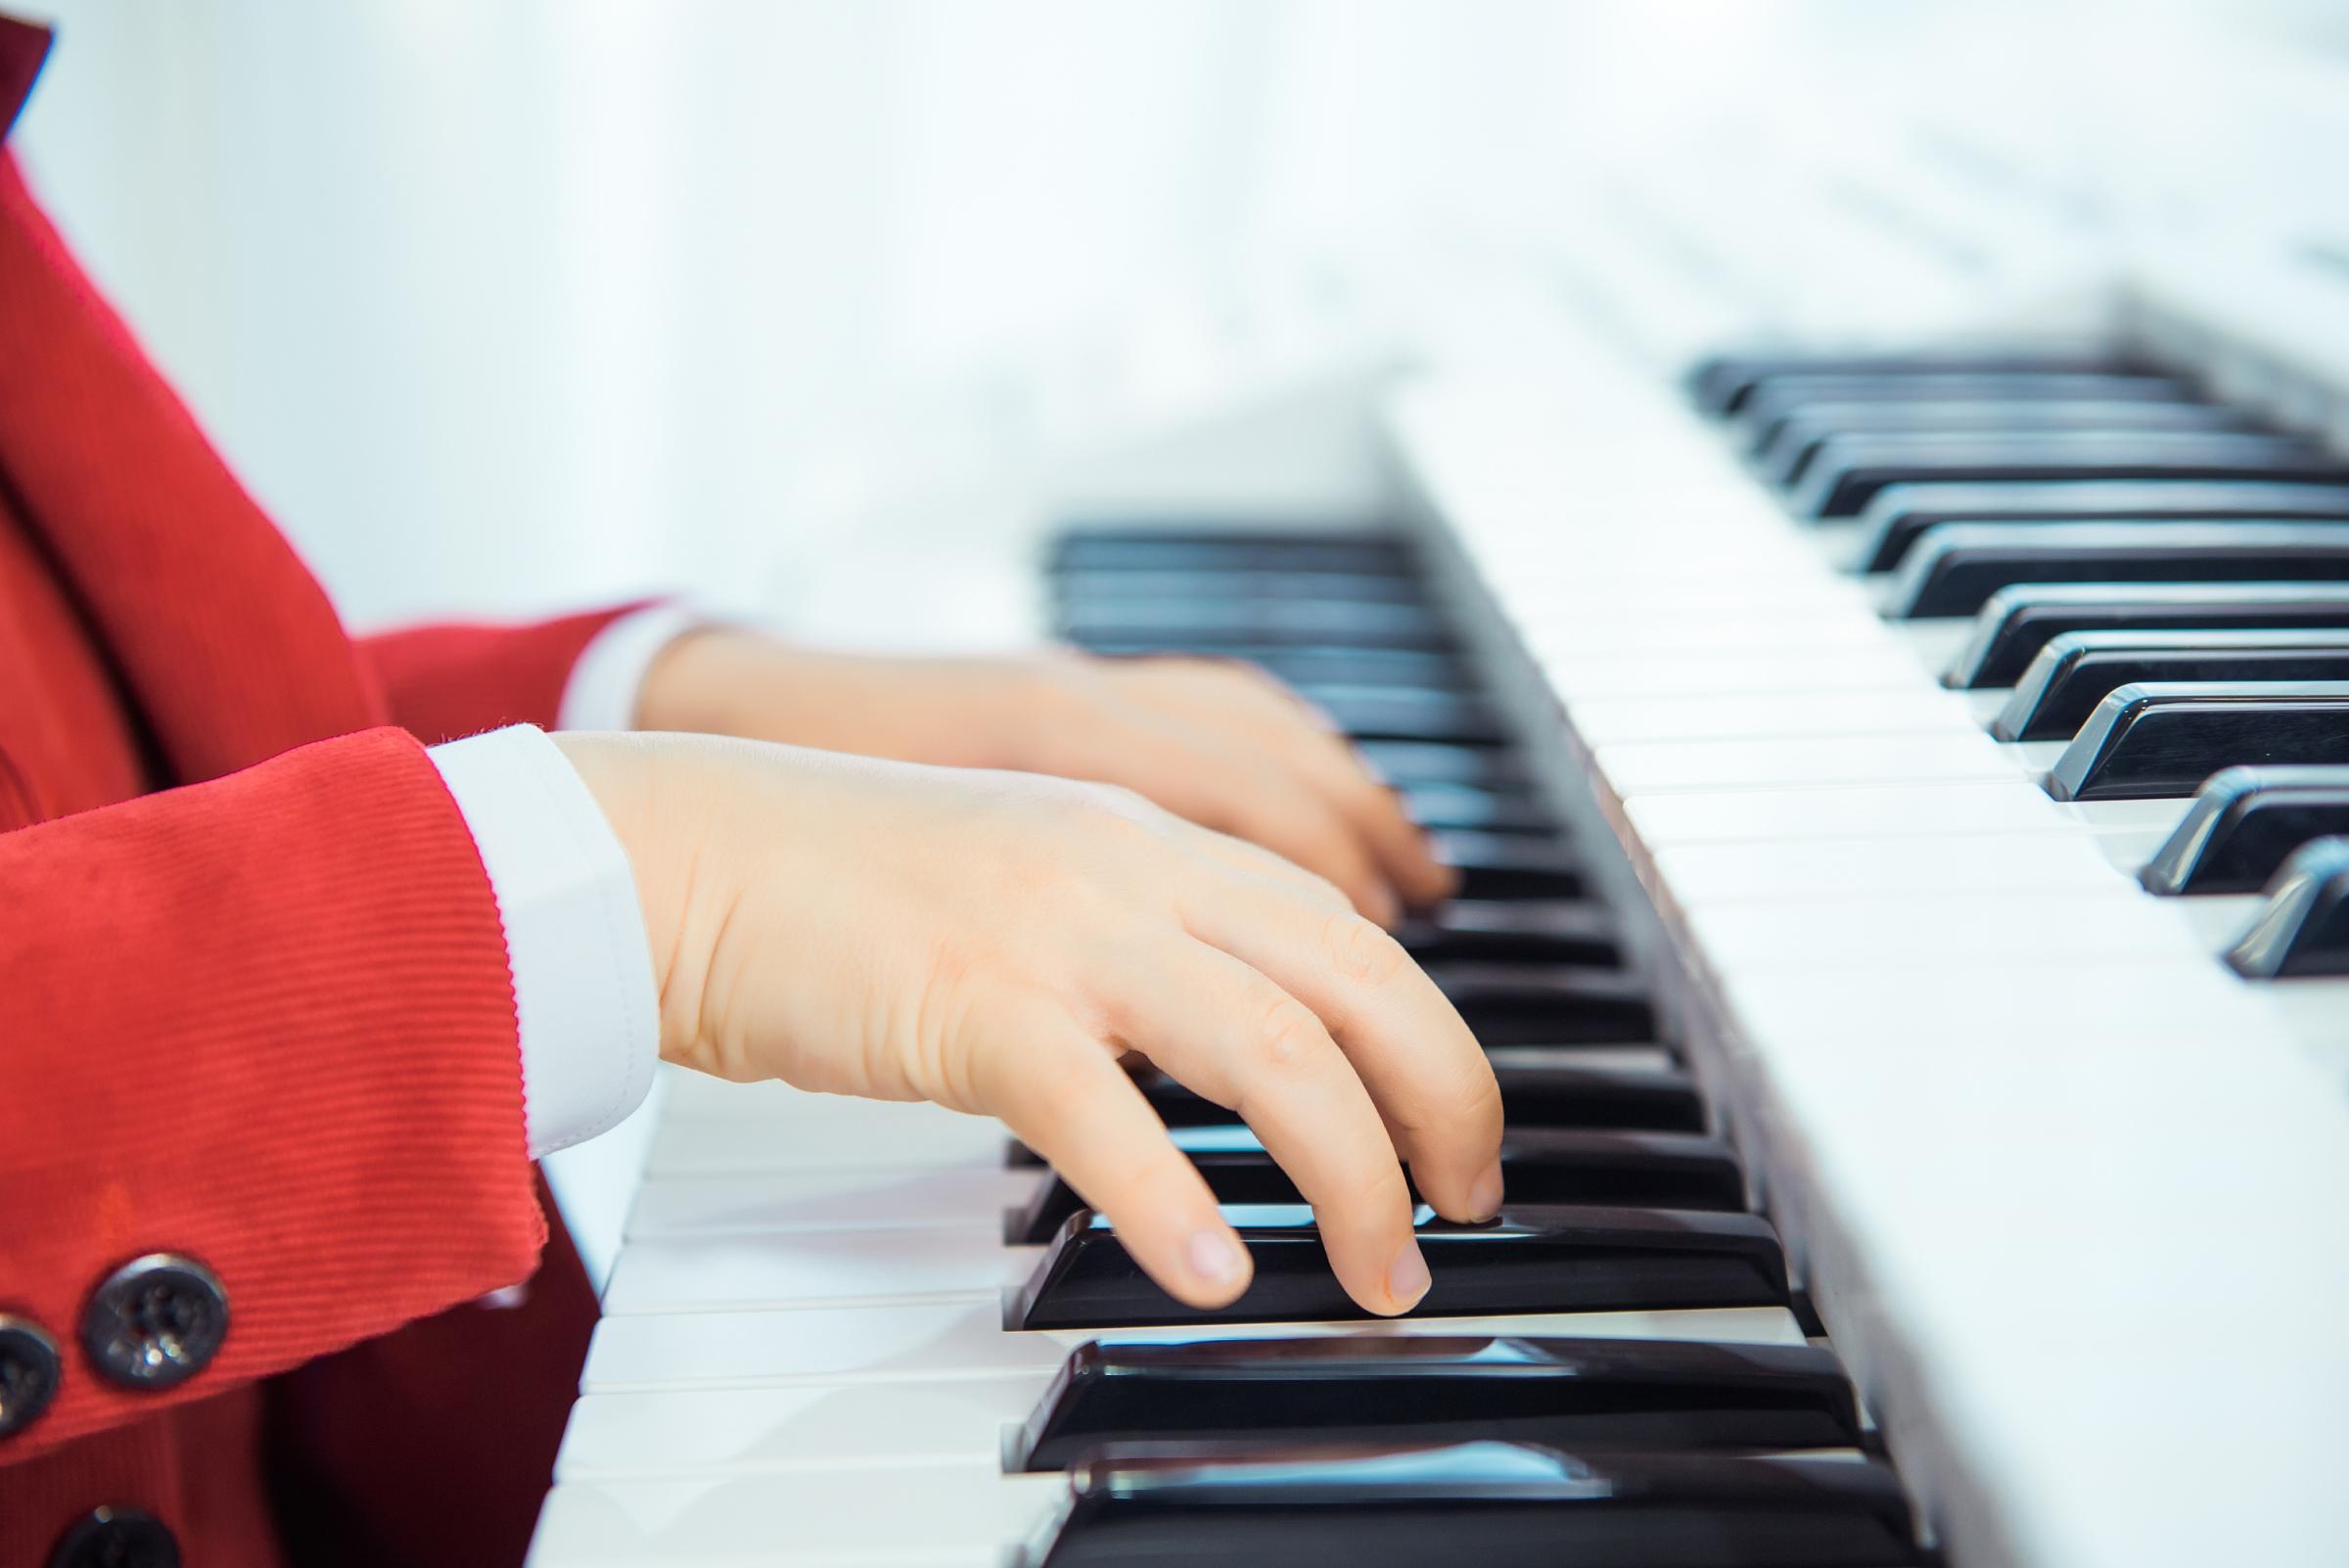 学琴必备!几个简单的手指练习小技巧